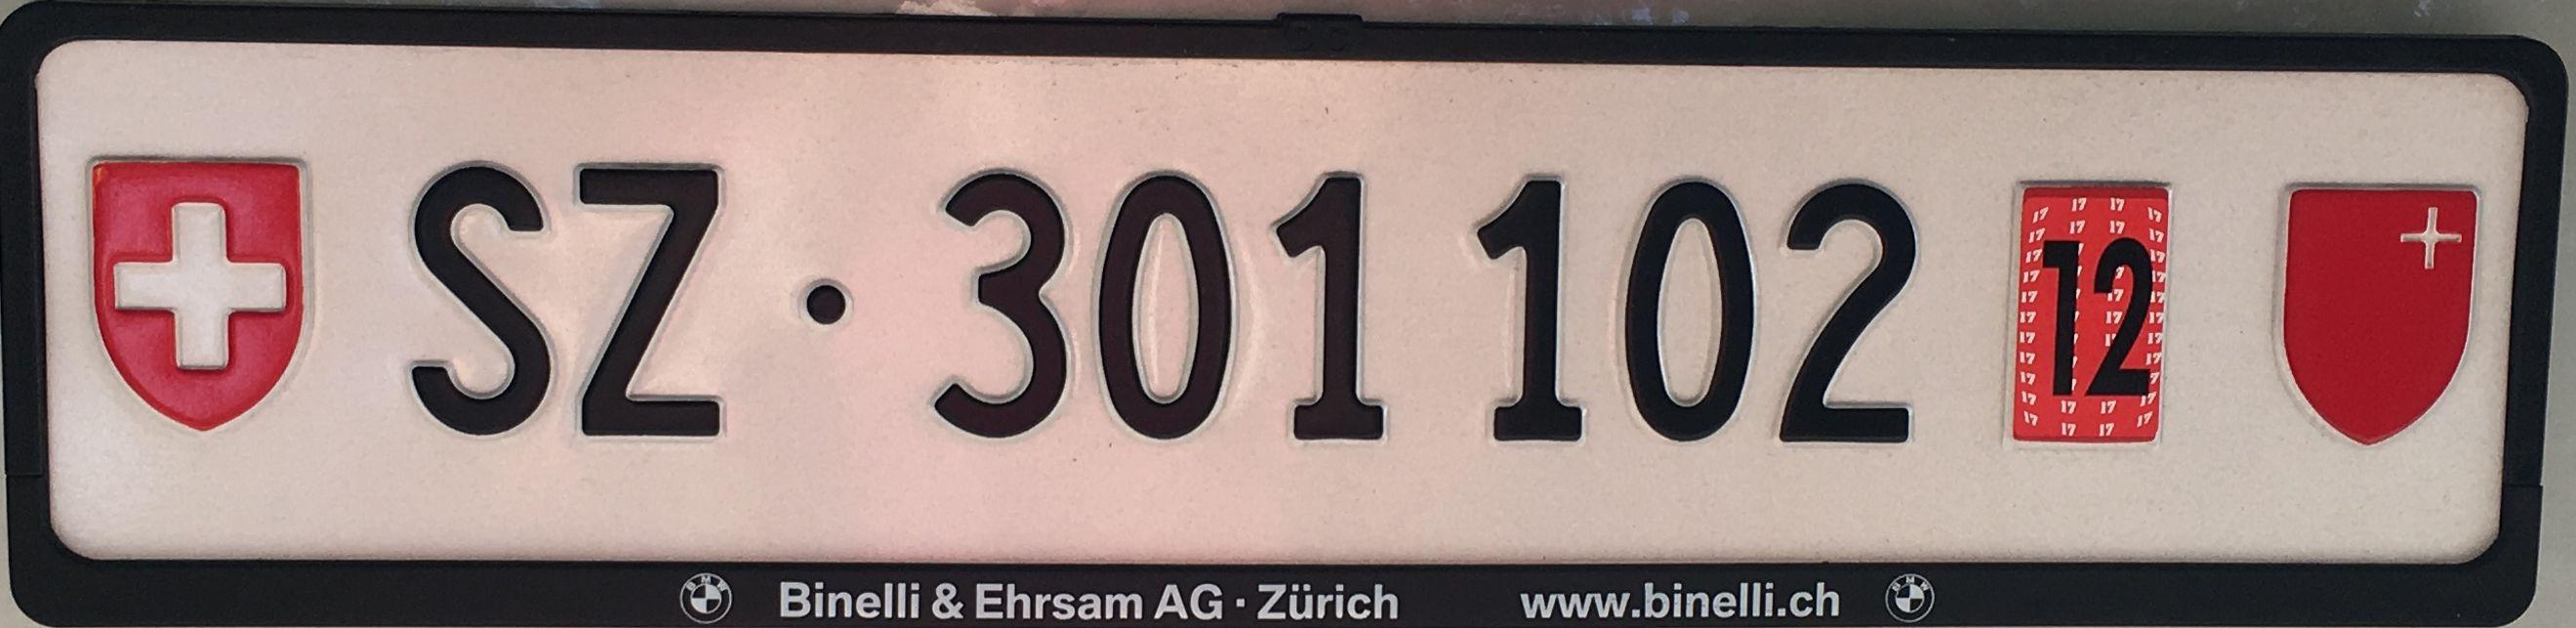 Registrační značky Švýcarsko - dočasná - SZ - Schwyz, foto: www.podalnici.cz